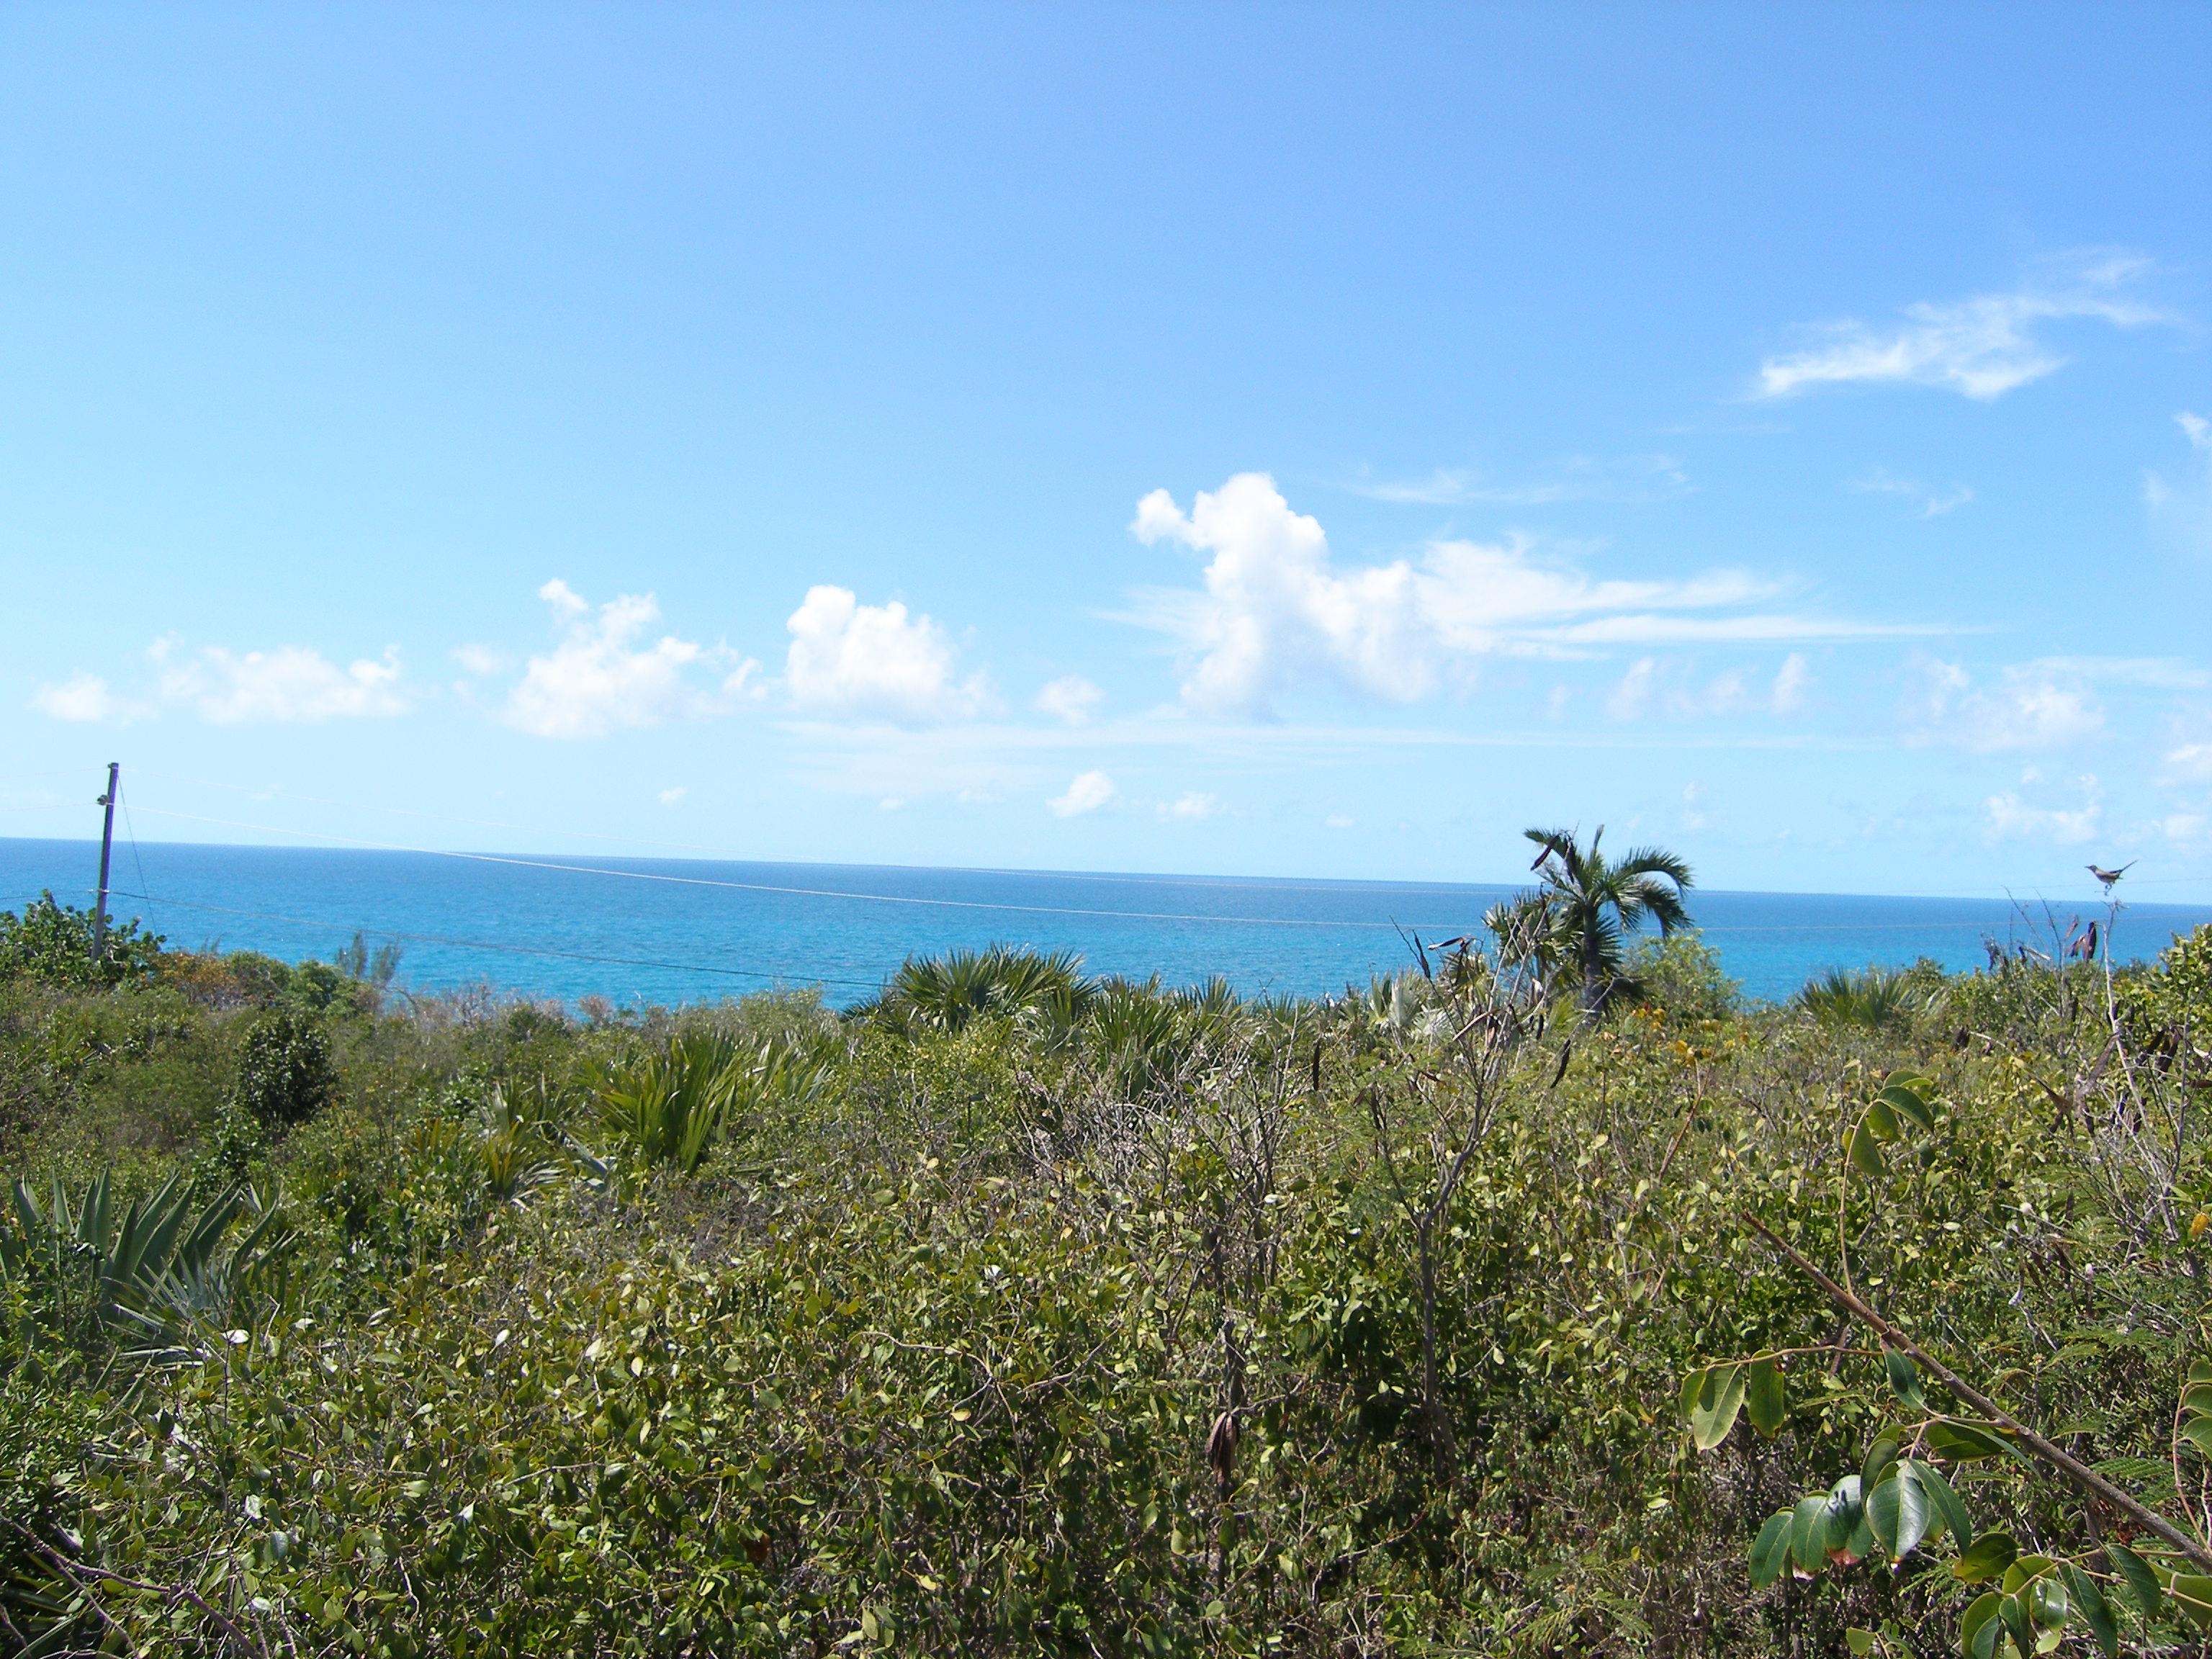 土地 为 销售 在 Lot 5, Block 14, Section A 彩虹湾, 伊路瑟拉 巴哈马